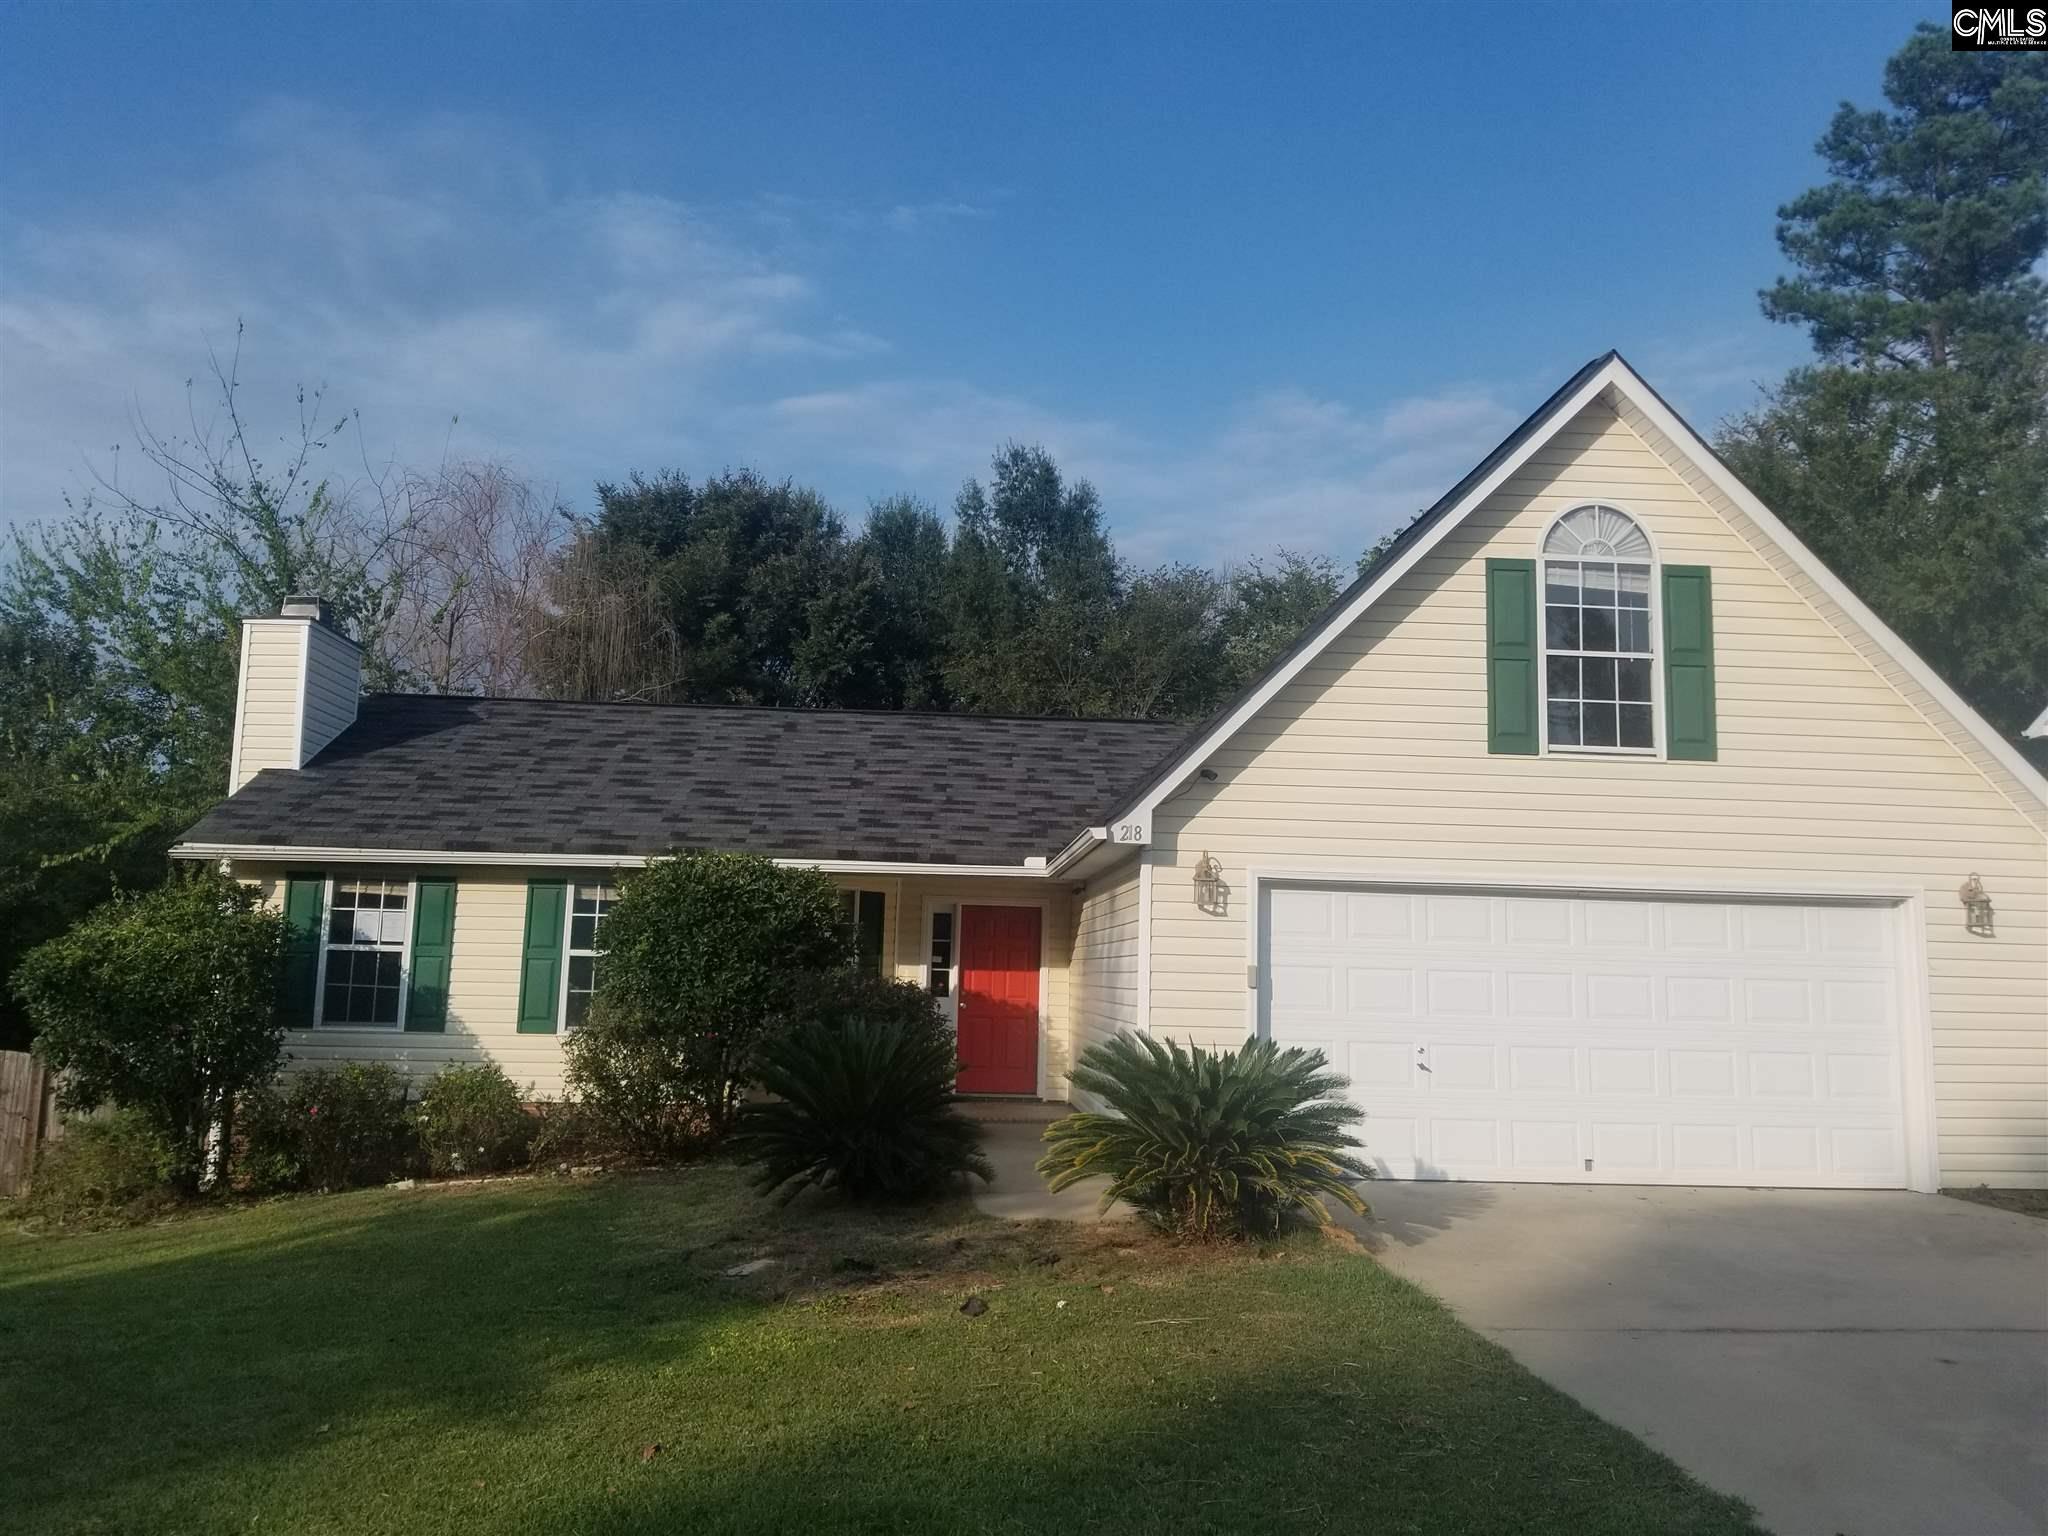 218 Walnut Grove Irmo, SC 29063